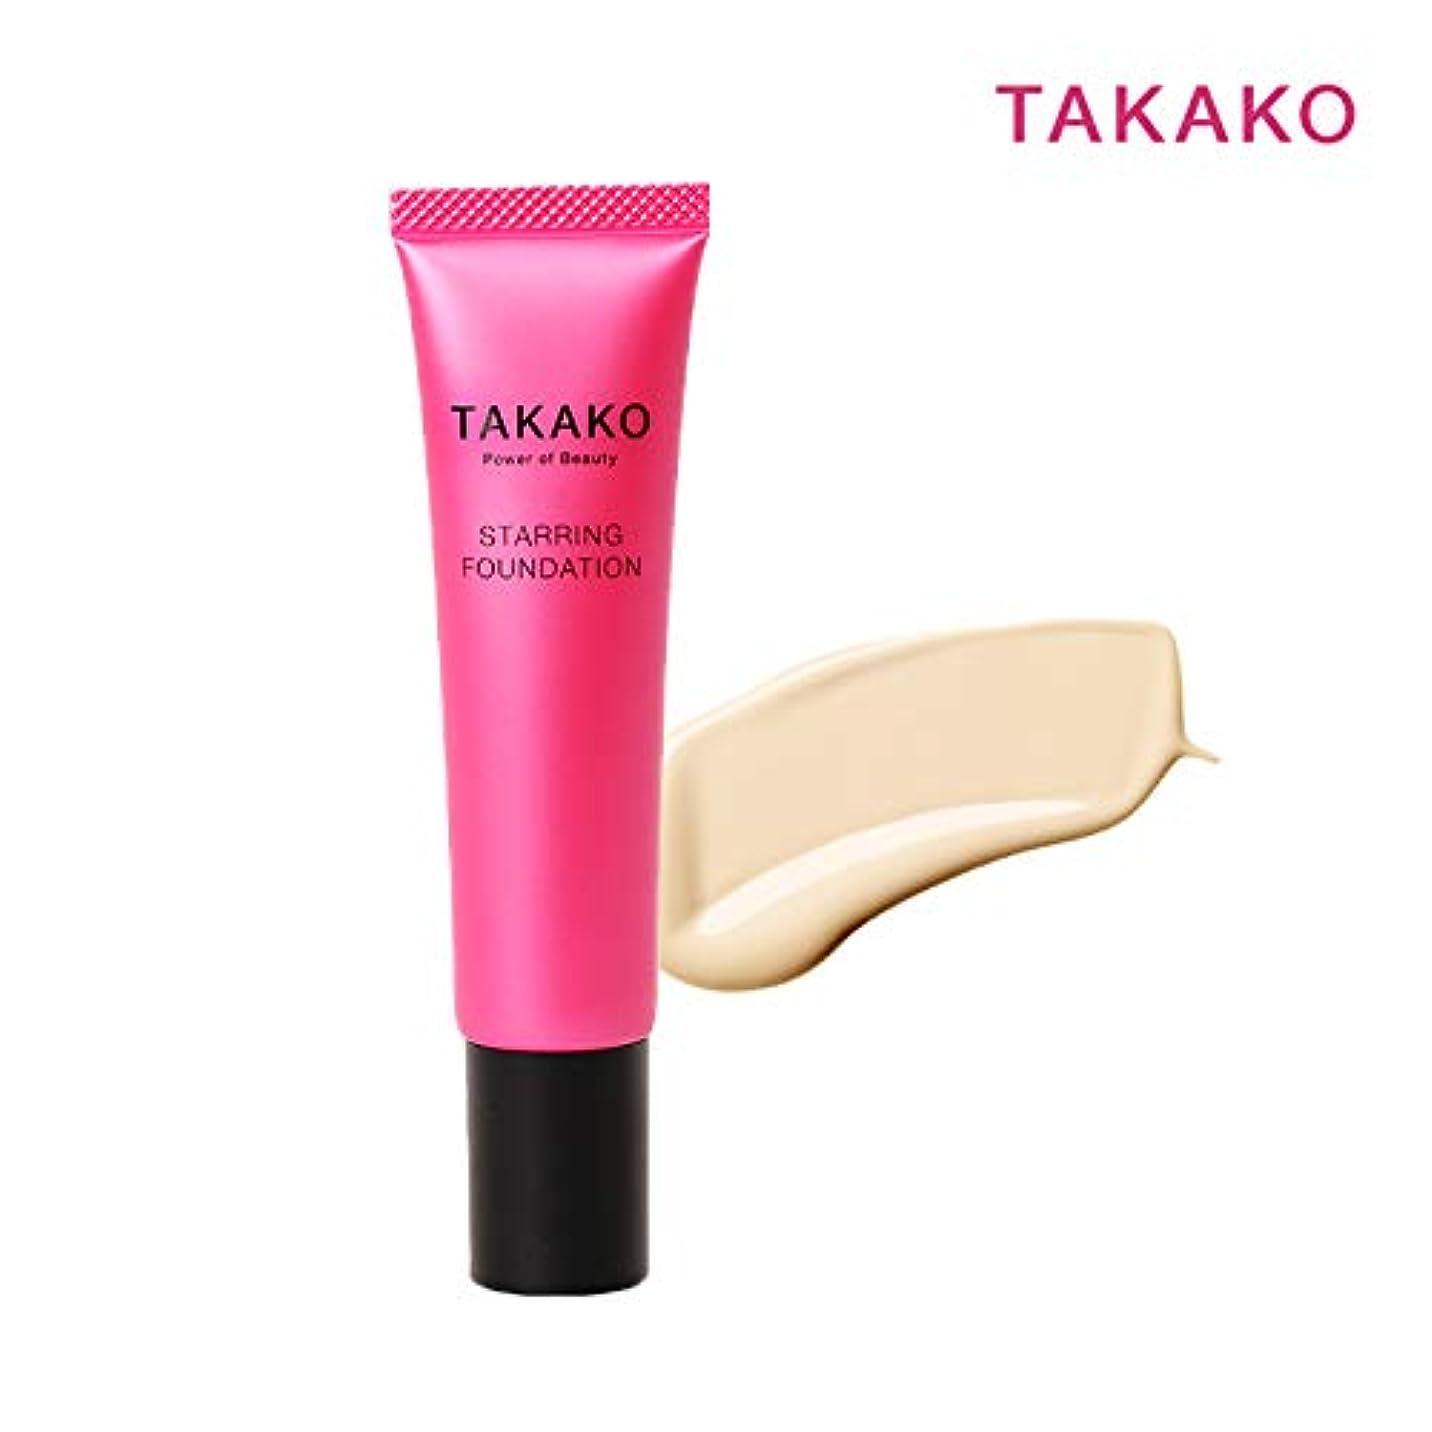 パッド考案する黙TAKAKO スターリングファンデーション リキッドファンデーション SPF20 PA++ 30g【タカコ コスメ】TAKAKO Power of Beauty STARRING FOUNDATION